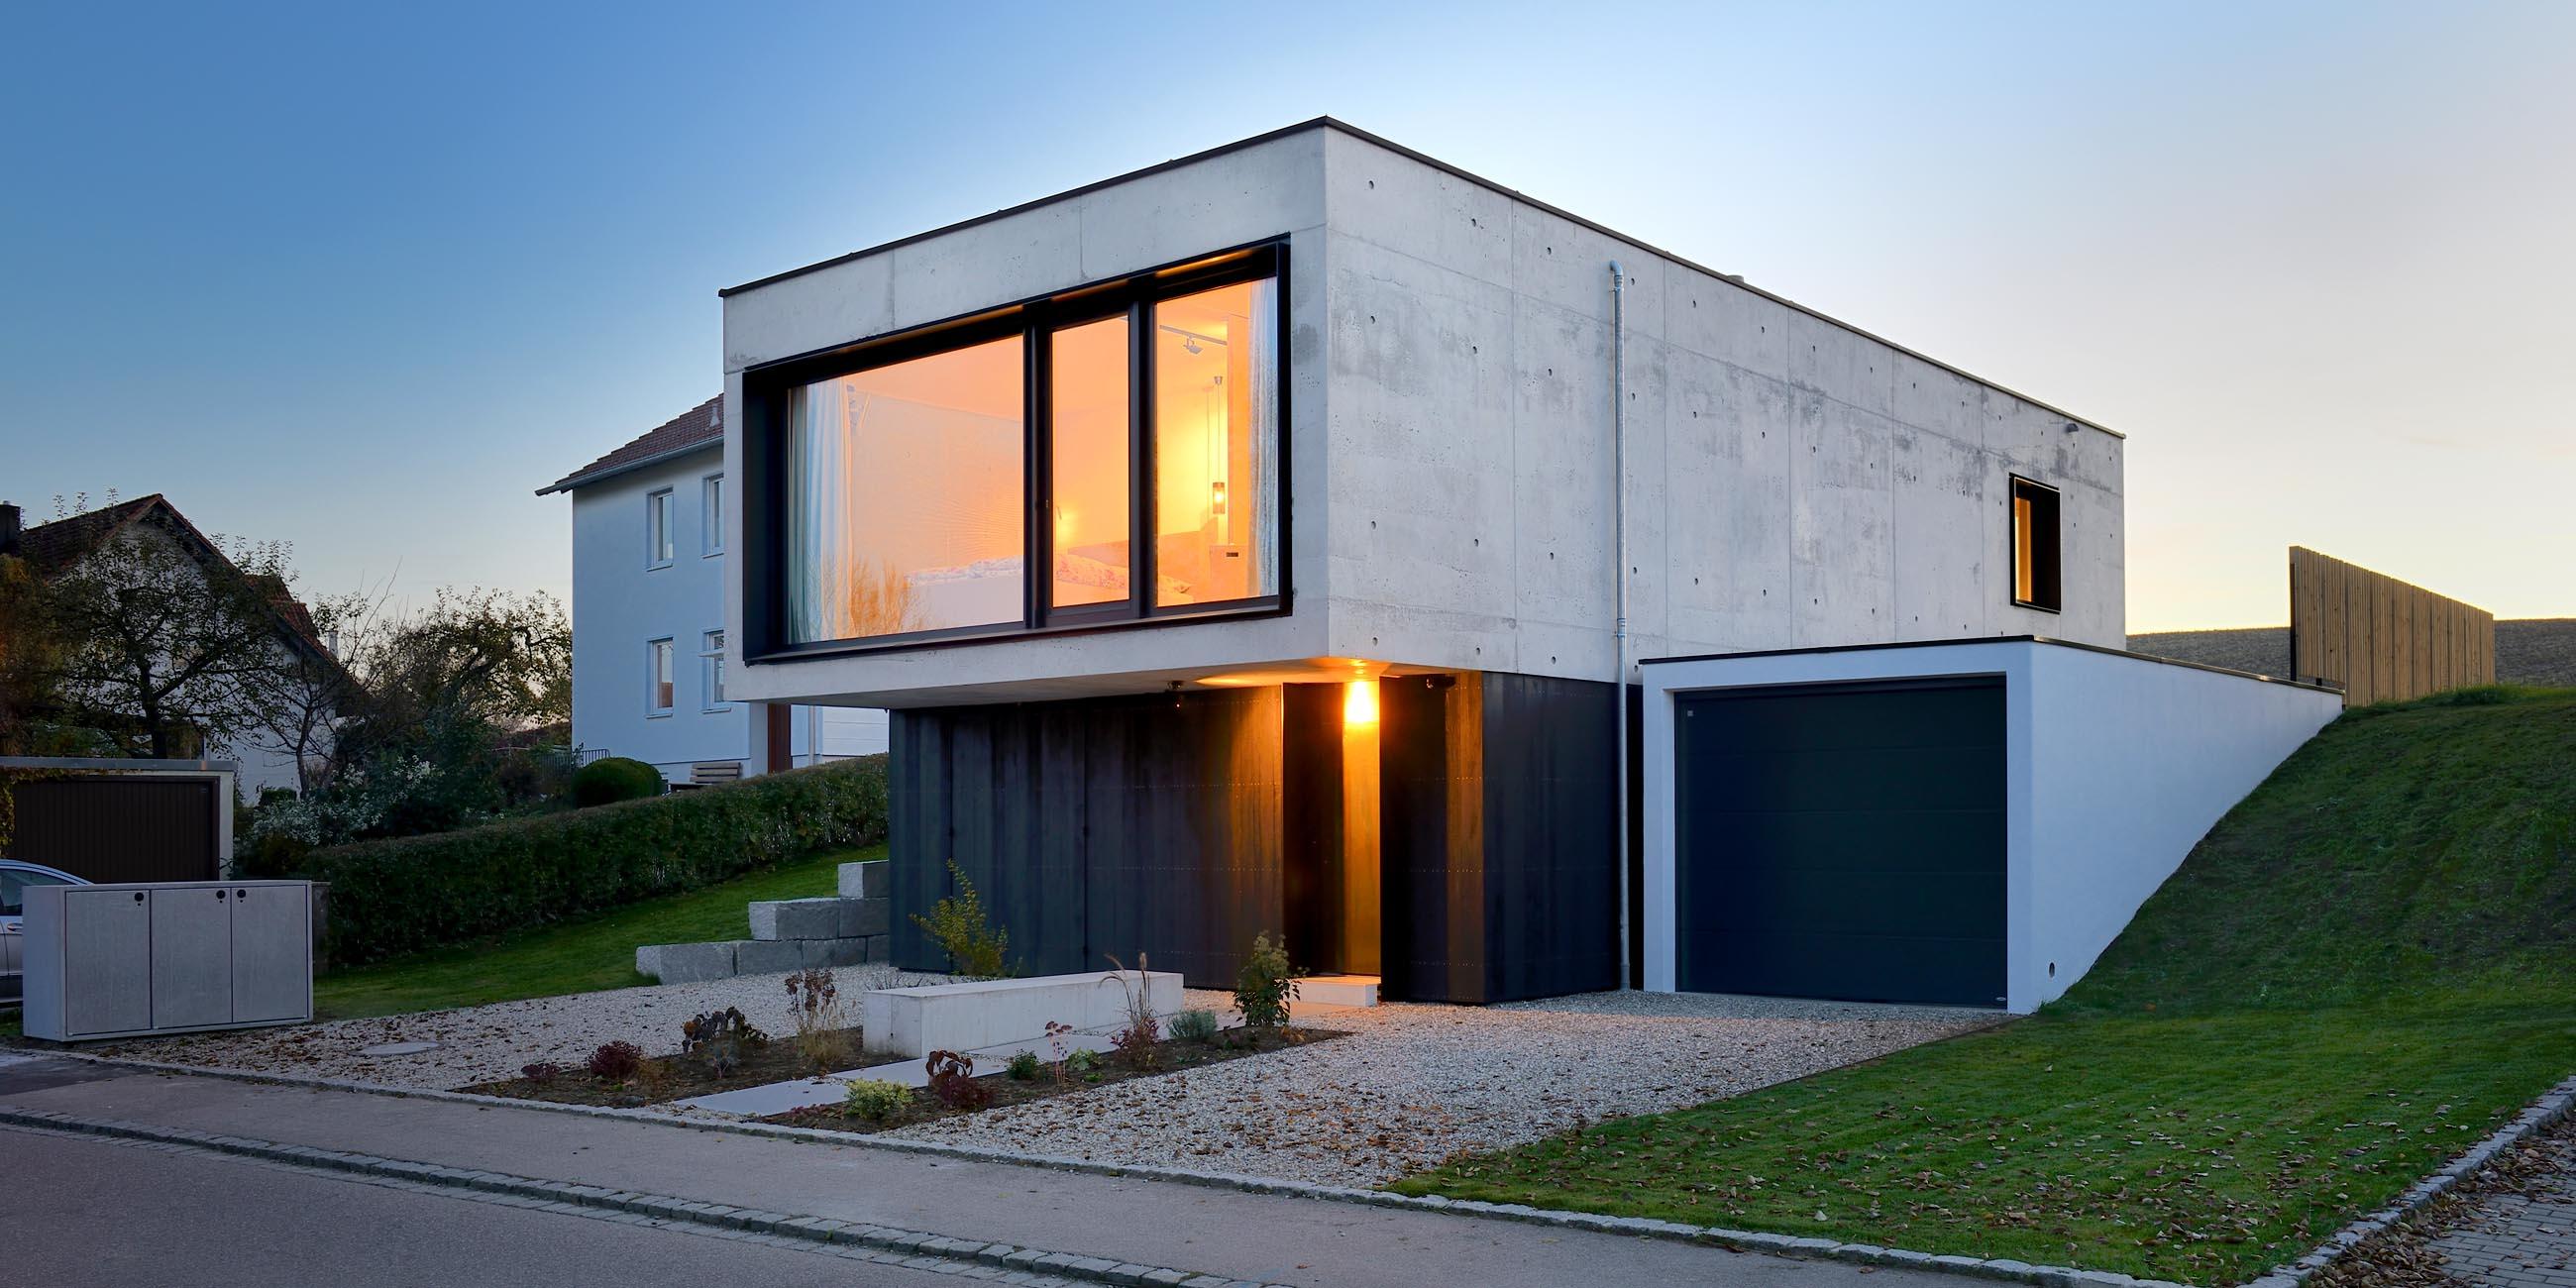 Einfamilienhaus aus infraleichtbeton for Einfamilienhaus modern